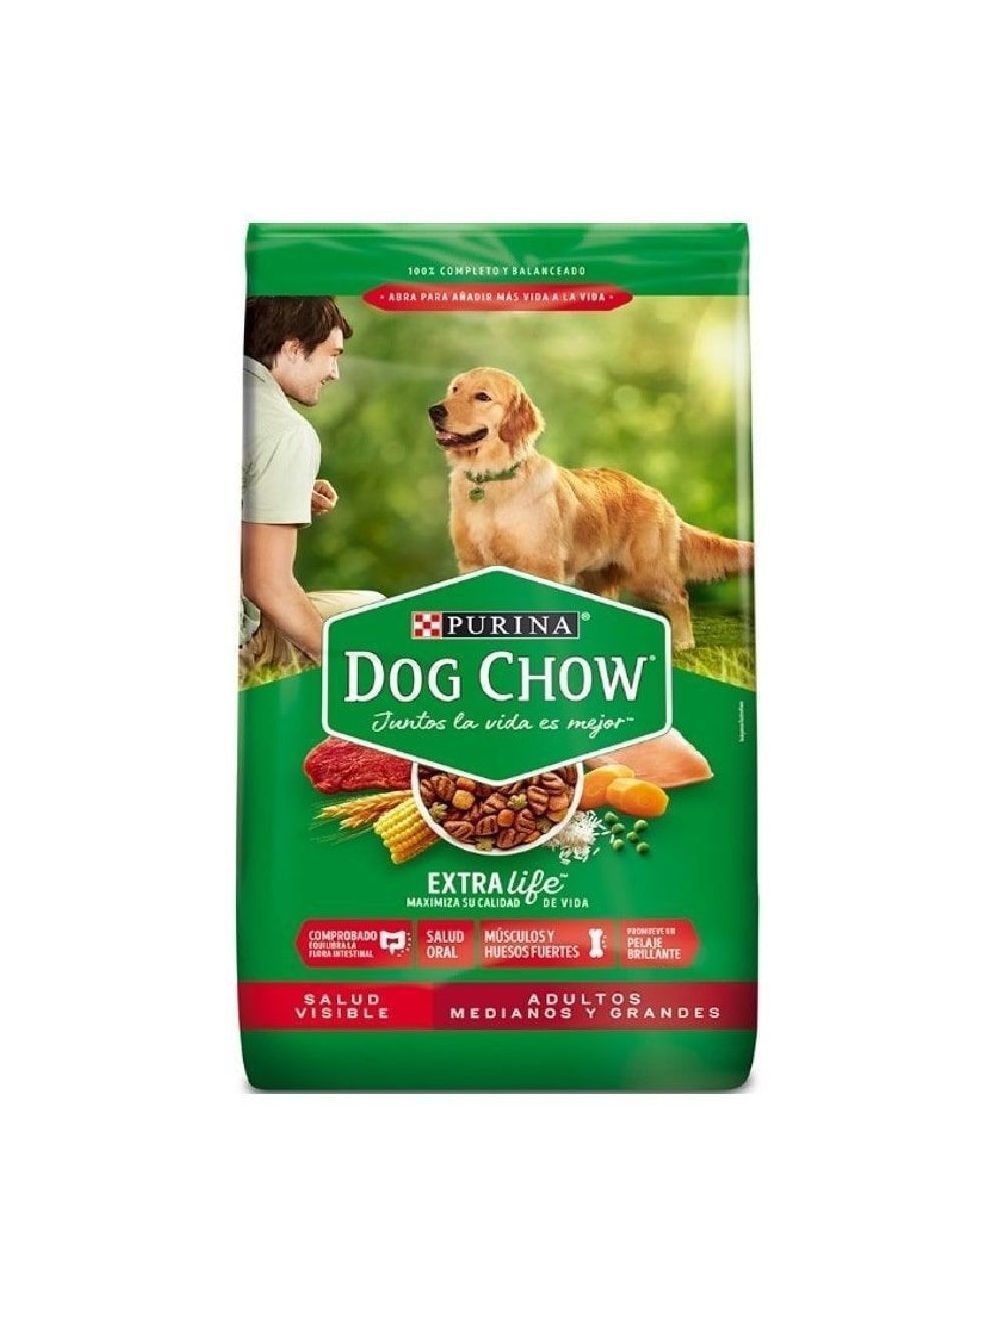 Comida para Perros Dog Chow Raza Grande -Ciudaddemascotas.com